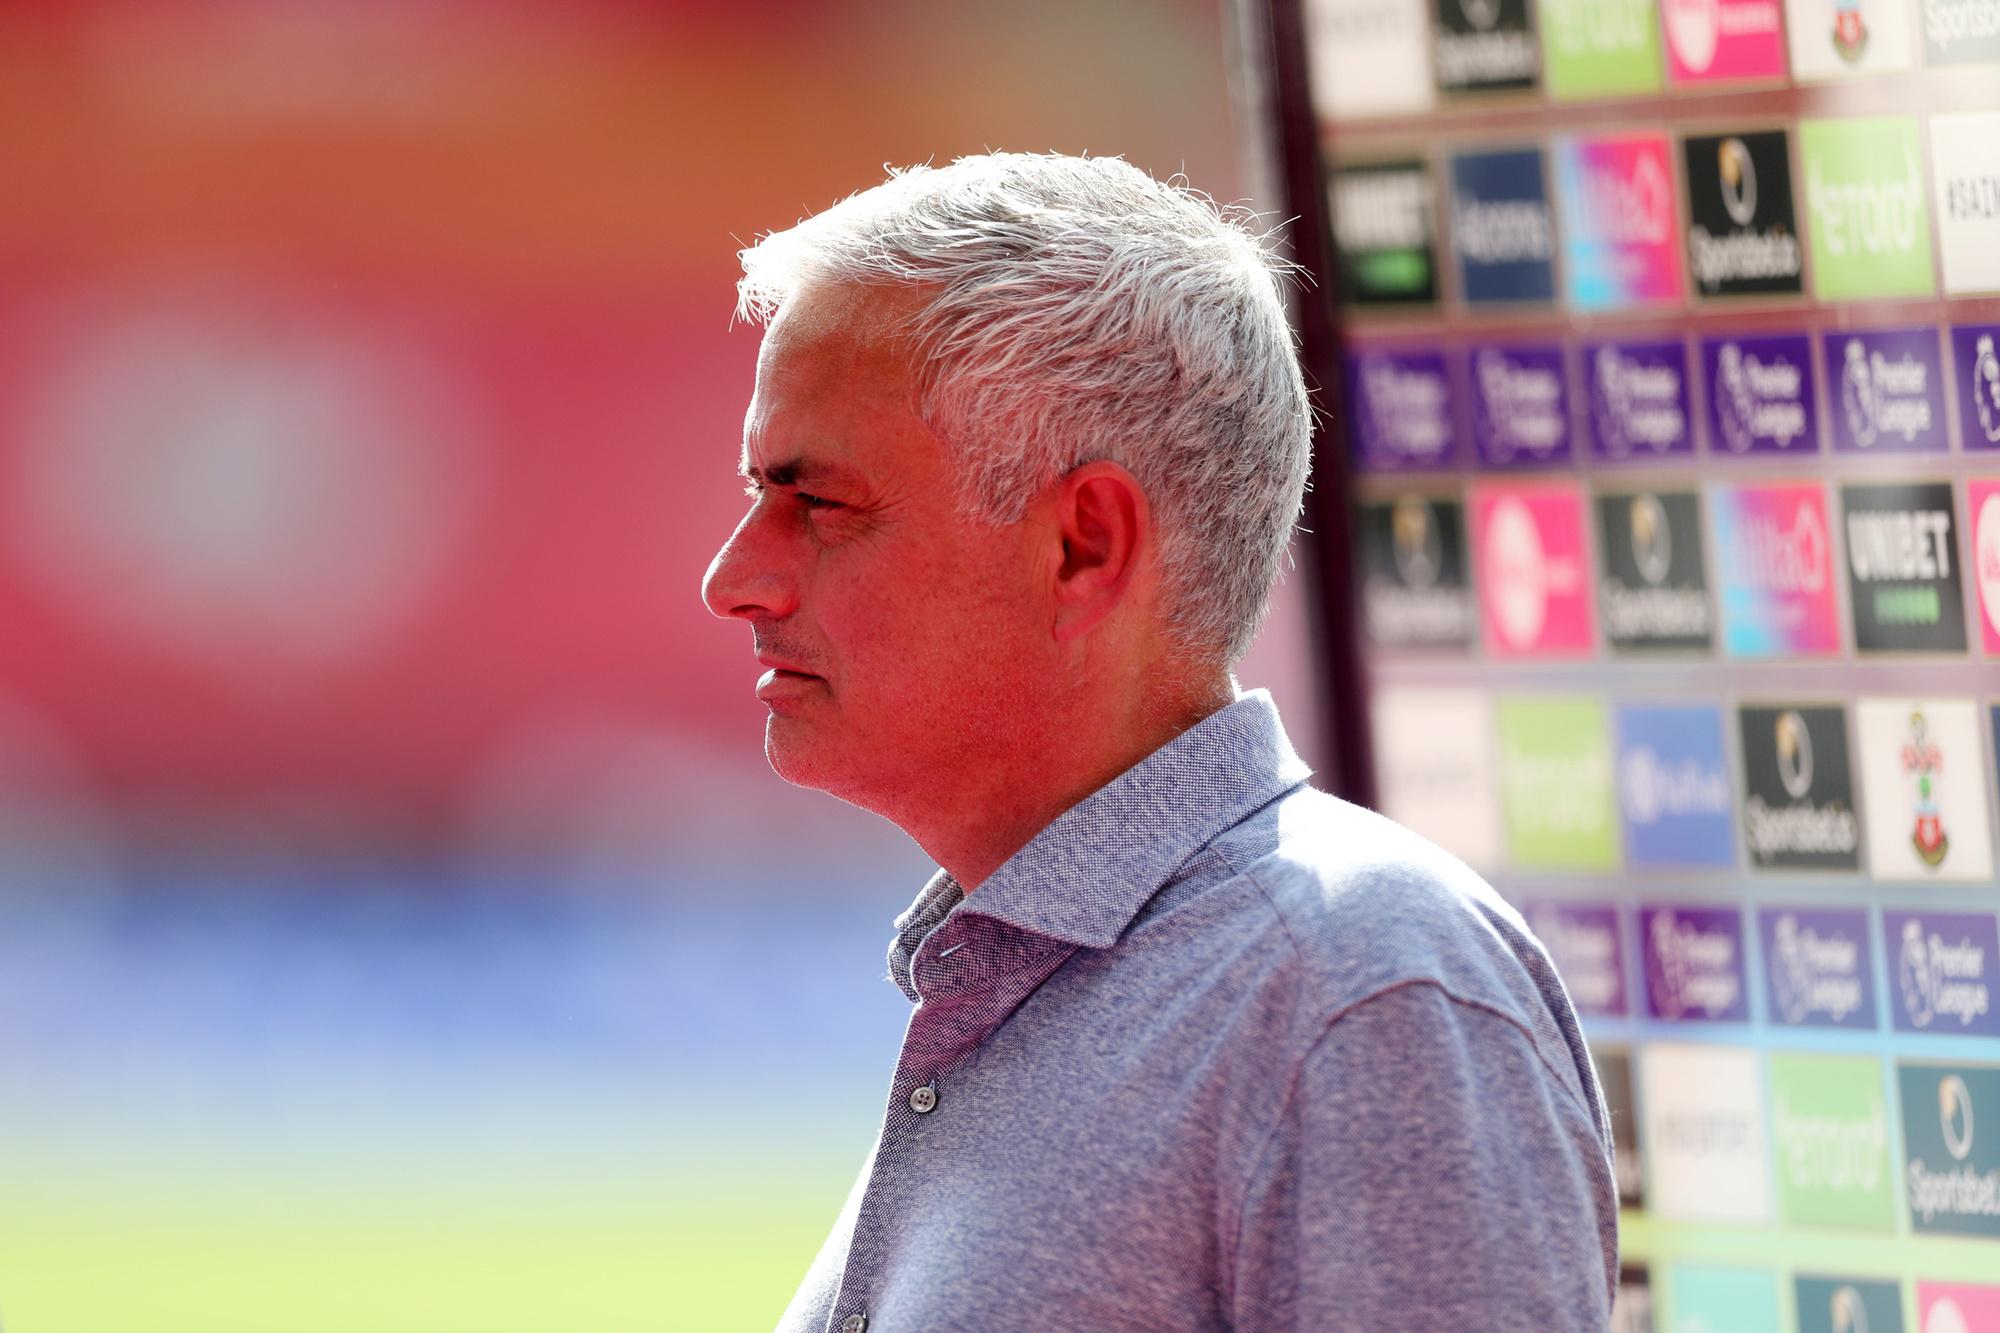 Ook José Mourinho, misschien wel de grootste Portugese trainer ooit, zit in de zak van Mendes., GETTY